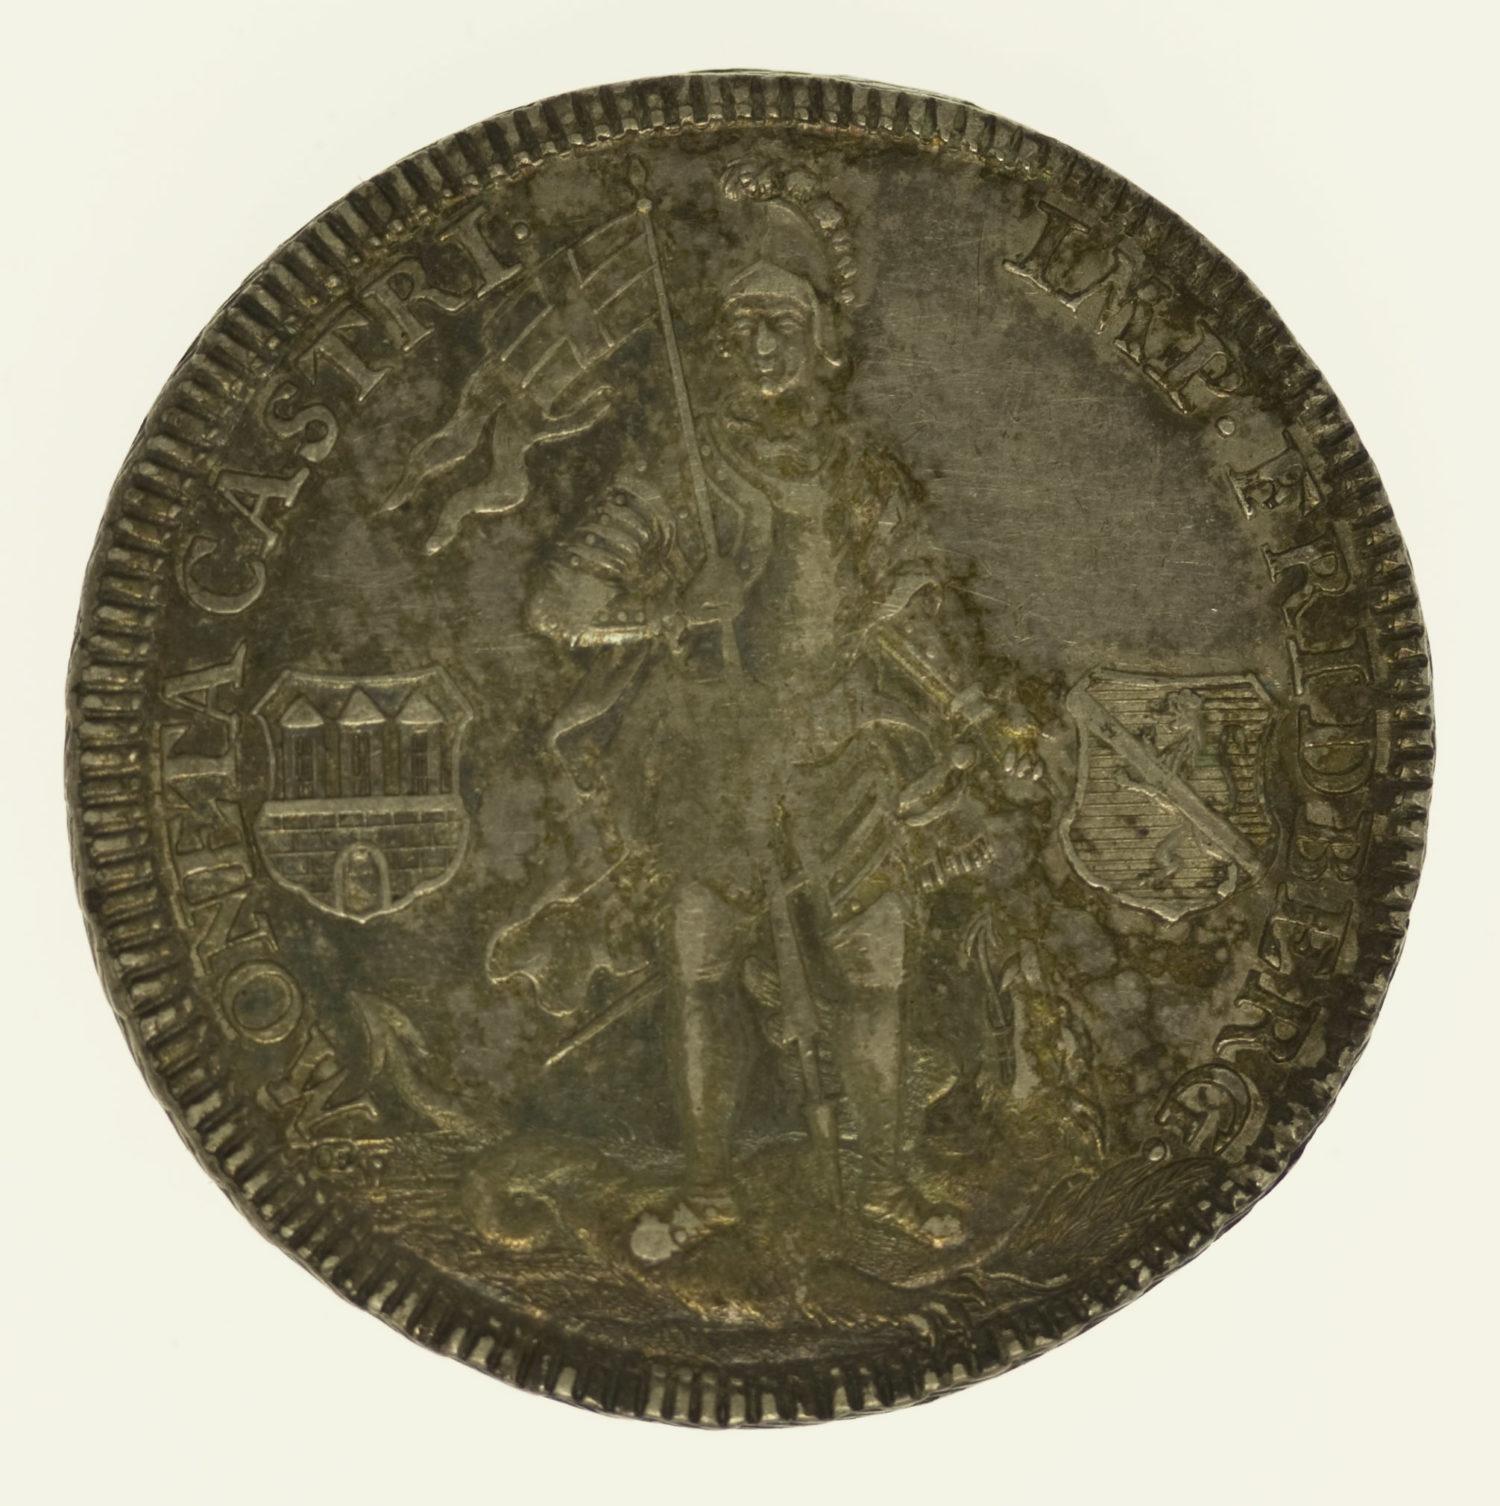 altdeutschland-deutsche-silbermuenzen - Friedberg Reichsburg Franz Heinrich von Dalberg 1/2 Taler 1766